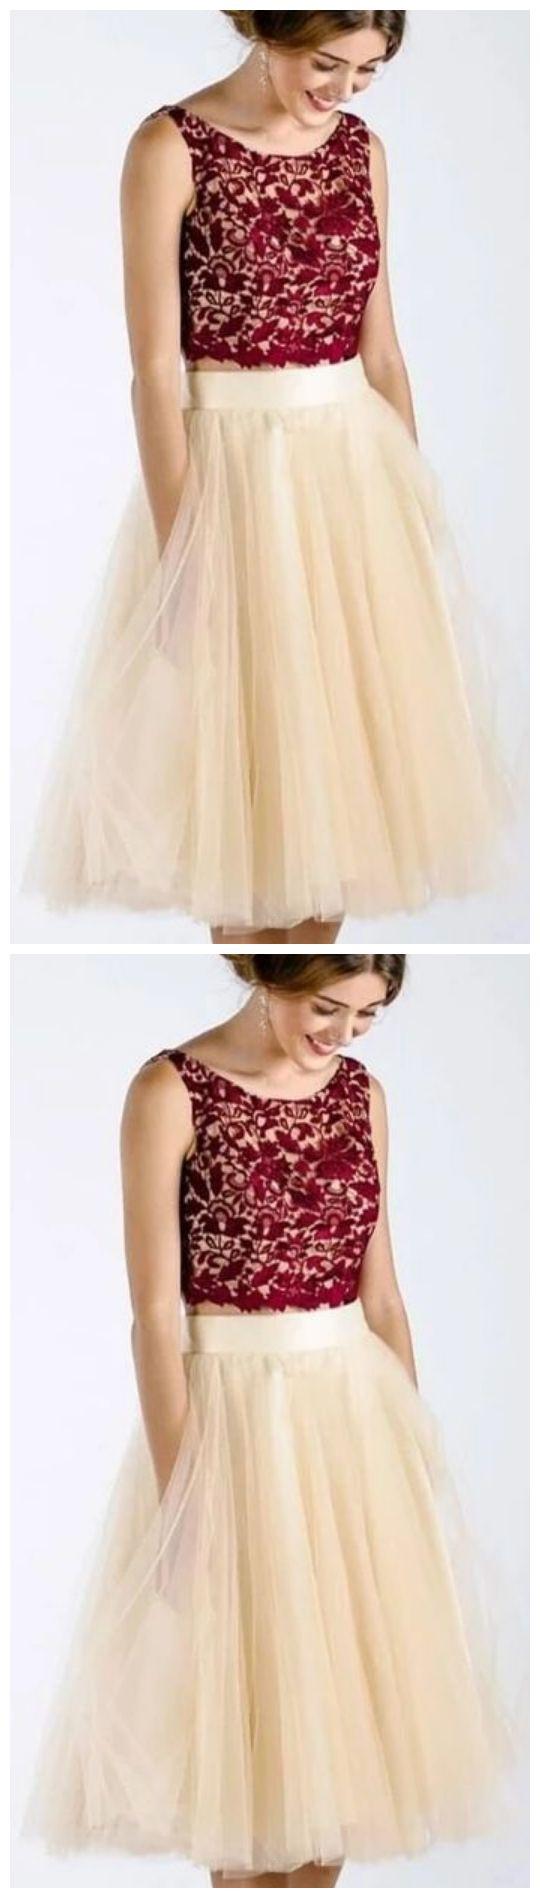 Prinzessin zweiteilige Burgunder und Creme kurze Heimkehr Kleid